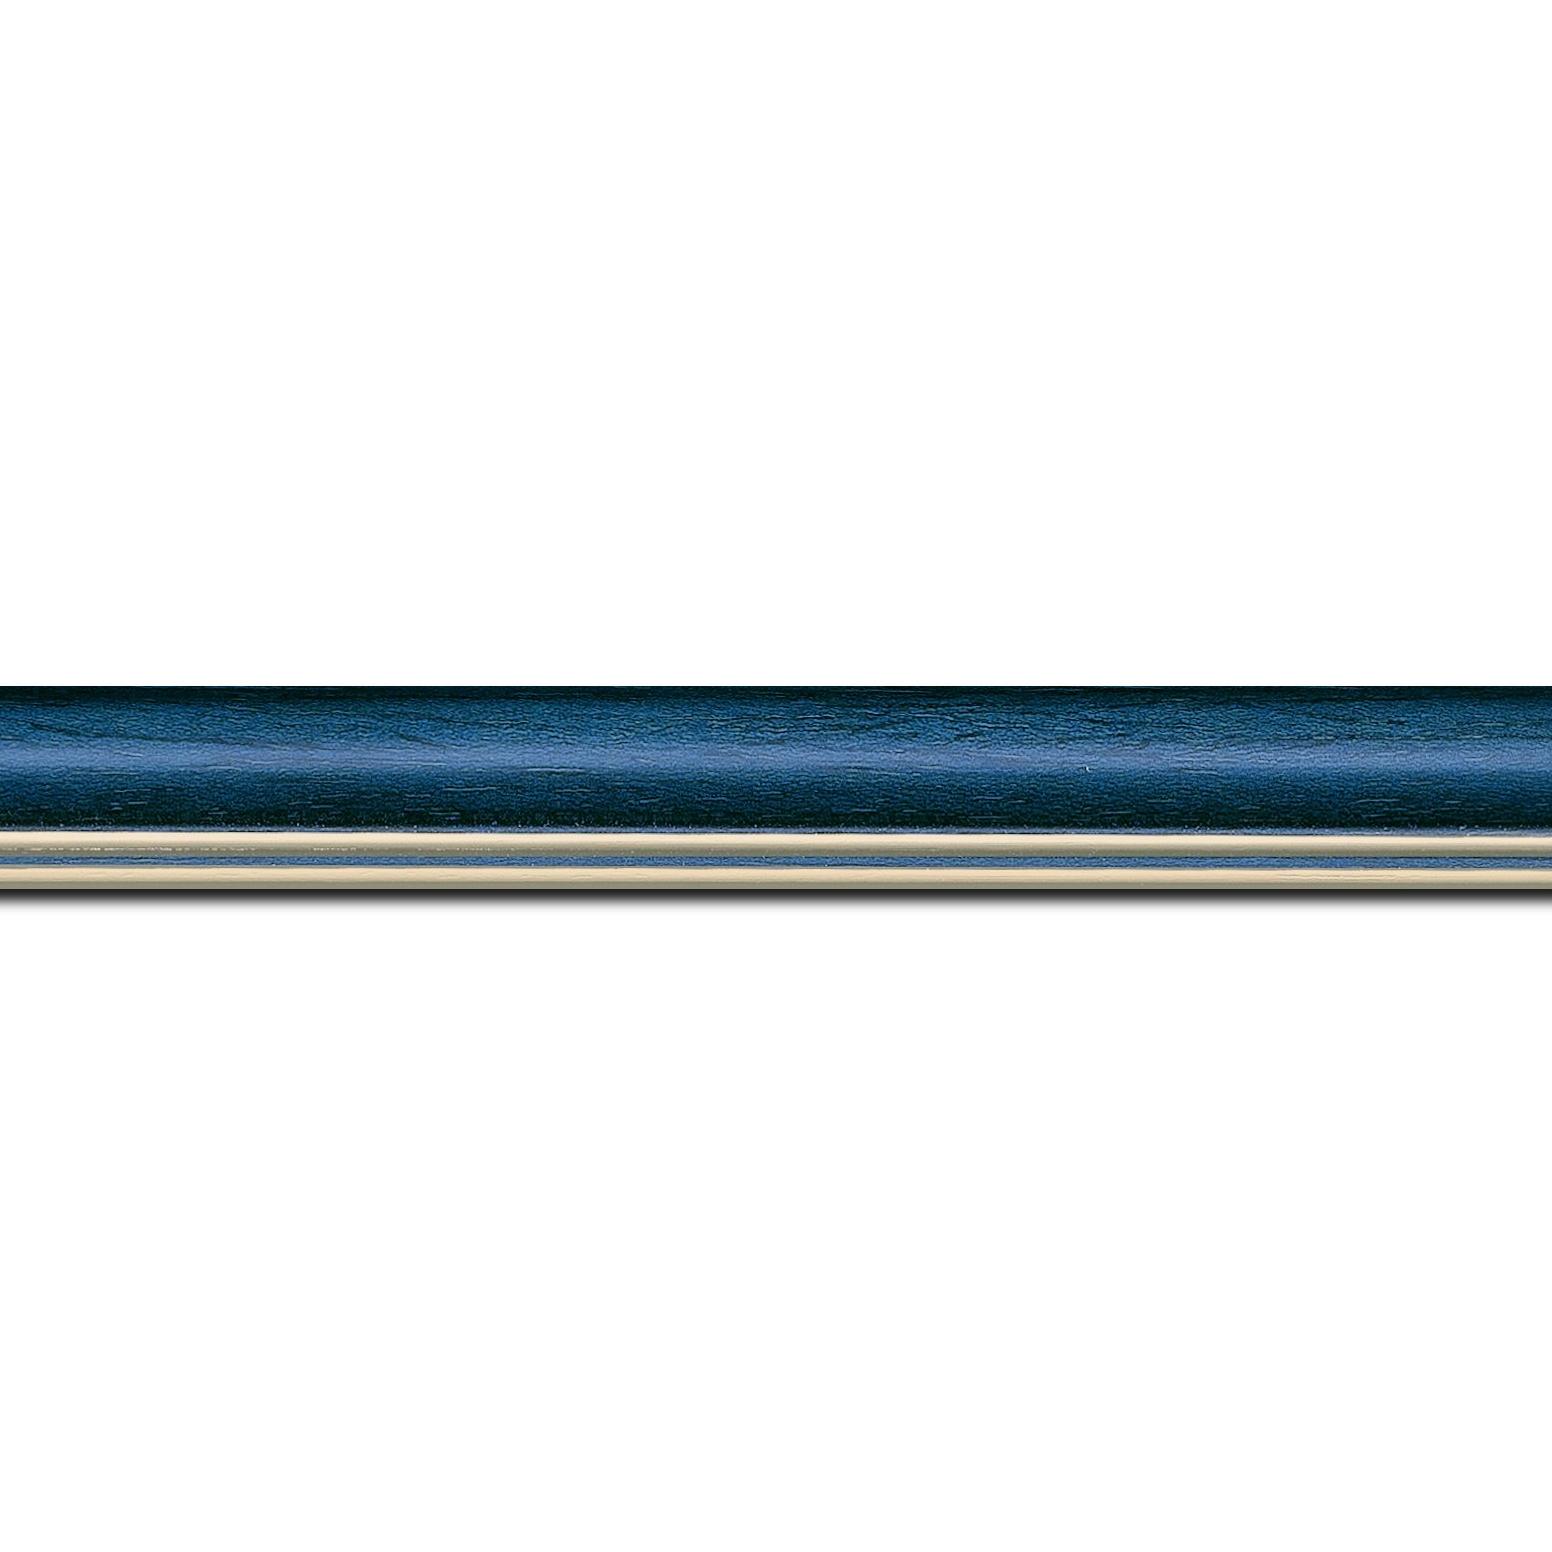 Baguette longueur 1.40m bois profil doucine inversée largeur 2.3cm bleu tropical satiné double filet or